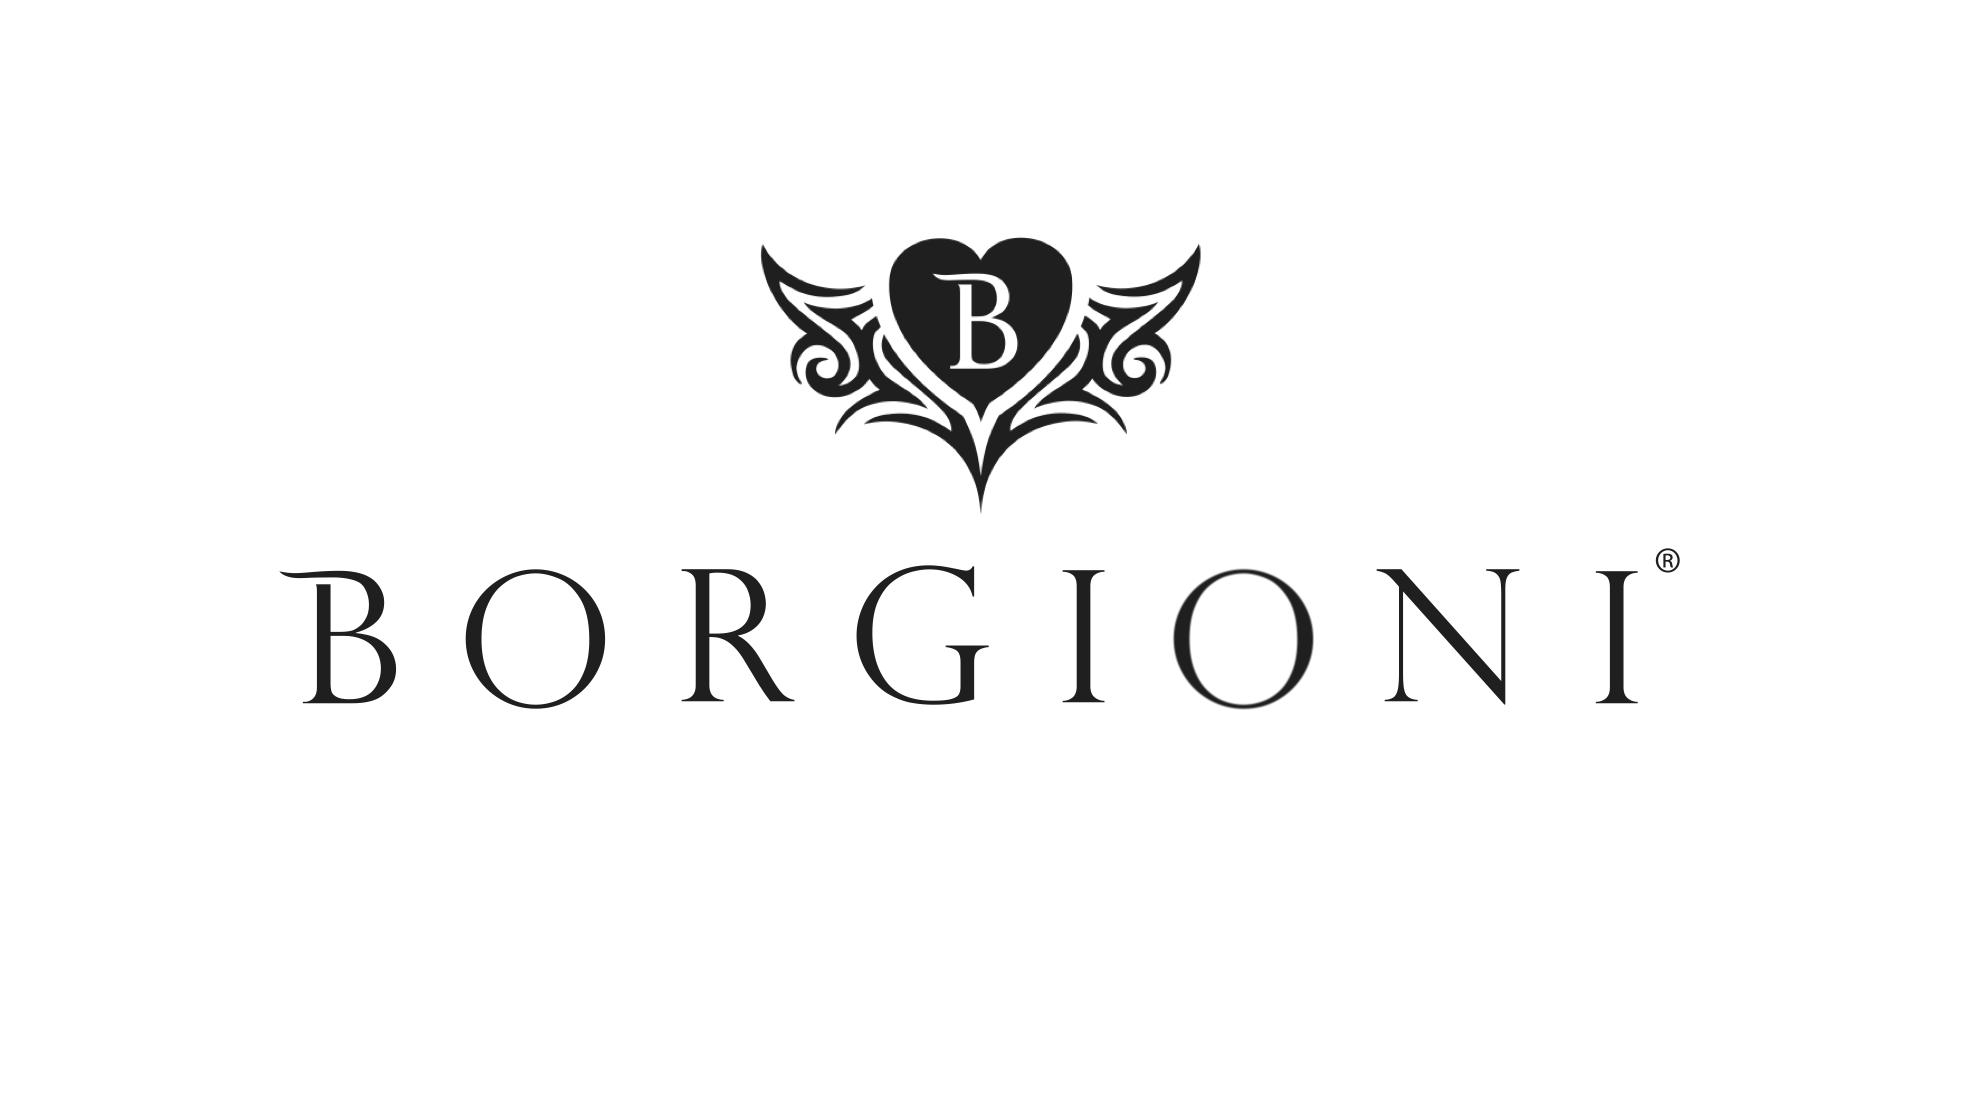 Borgioni